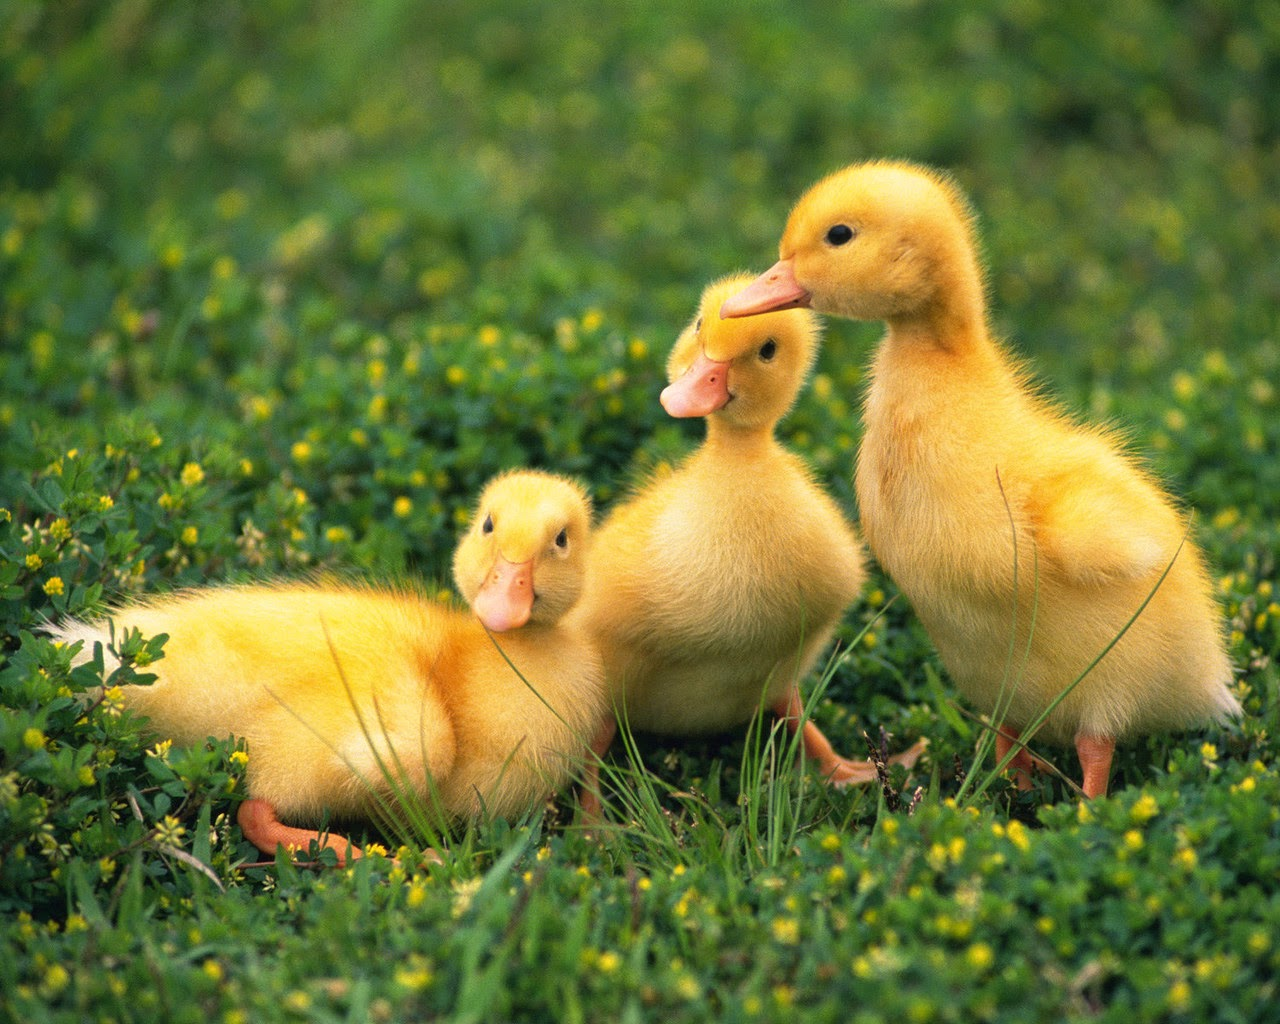 Cute little ducks for easter